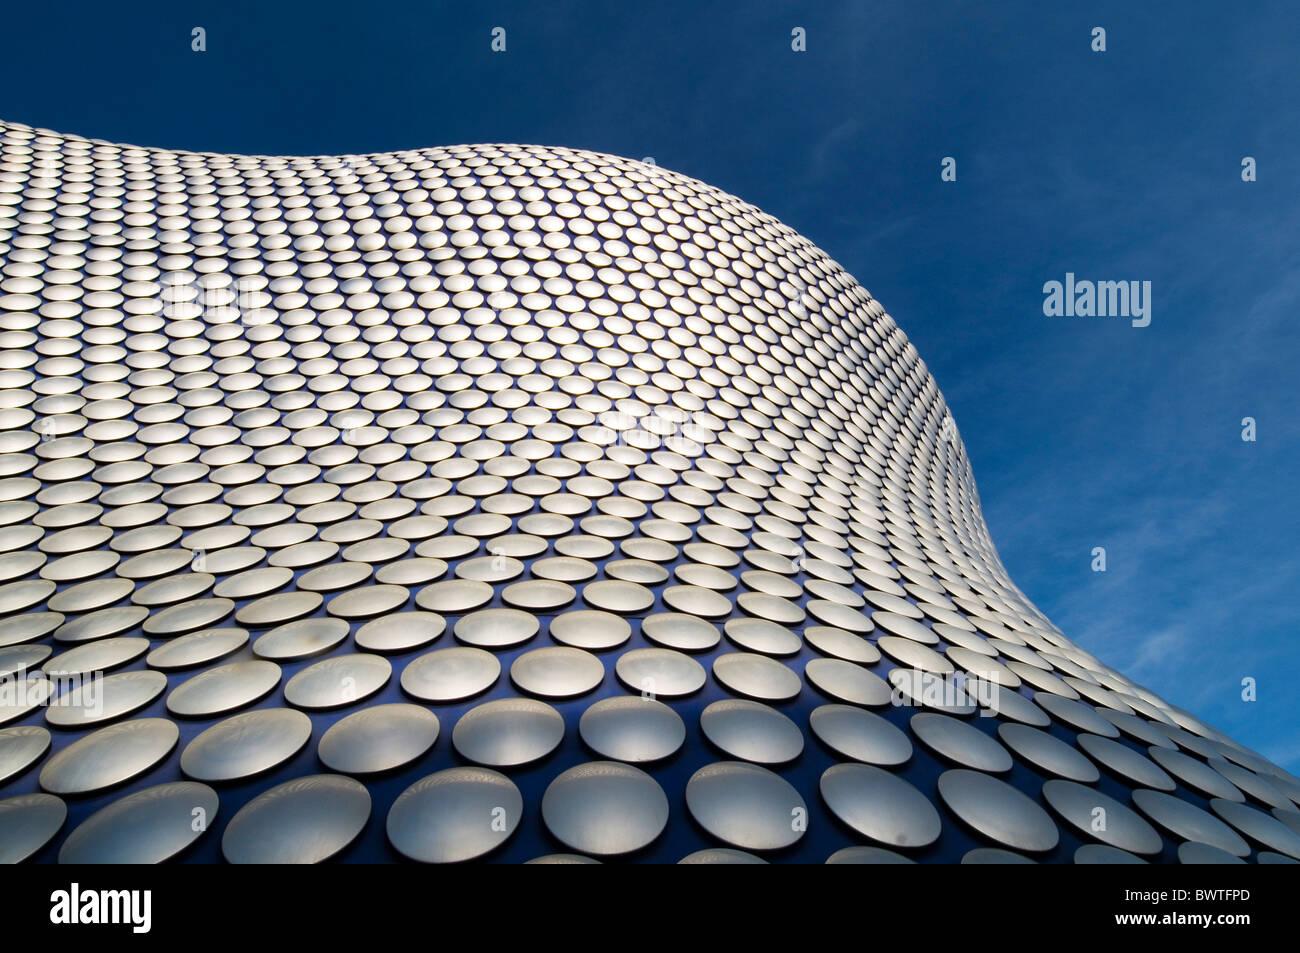 L'architecture moderne architecture architecte contemporain design contemporain dispose de fonctionnalités designer conçoit les arènes shoppi Banque D'Images